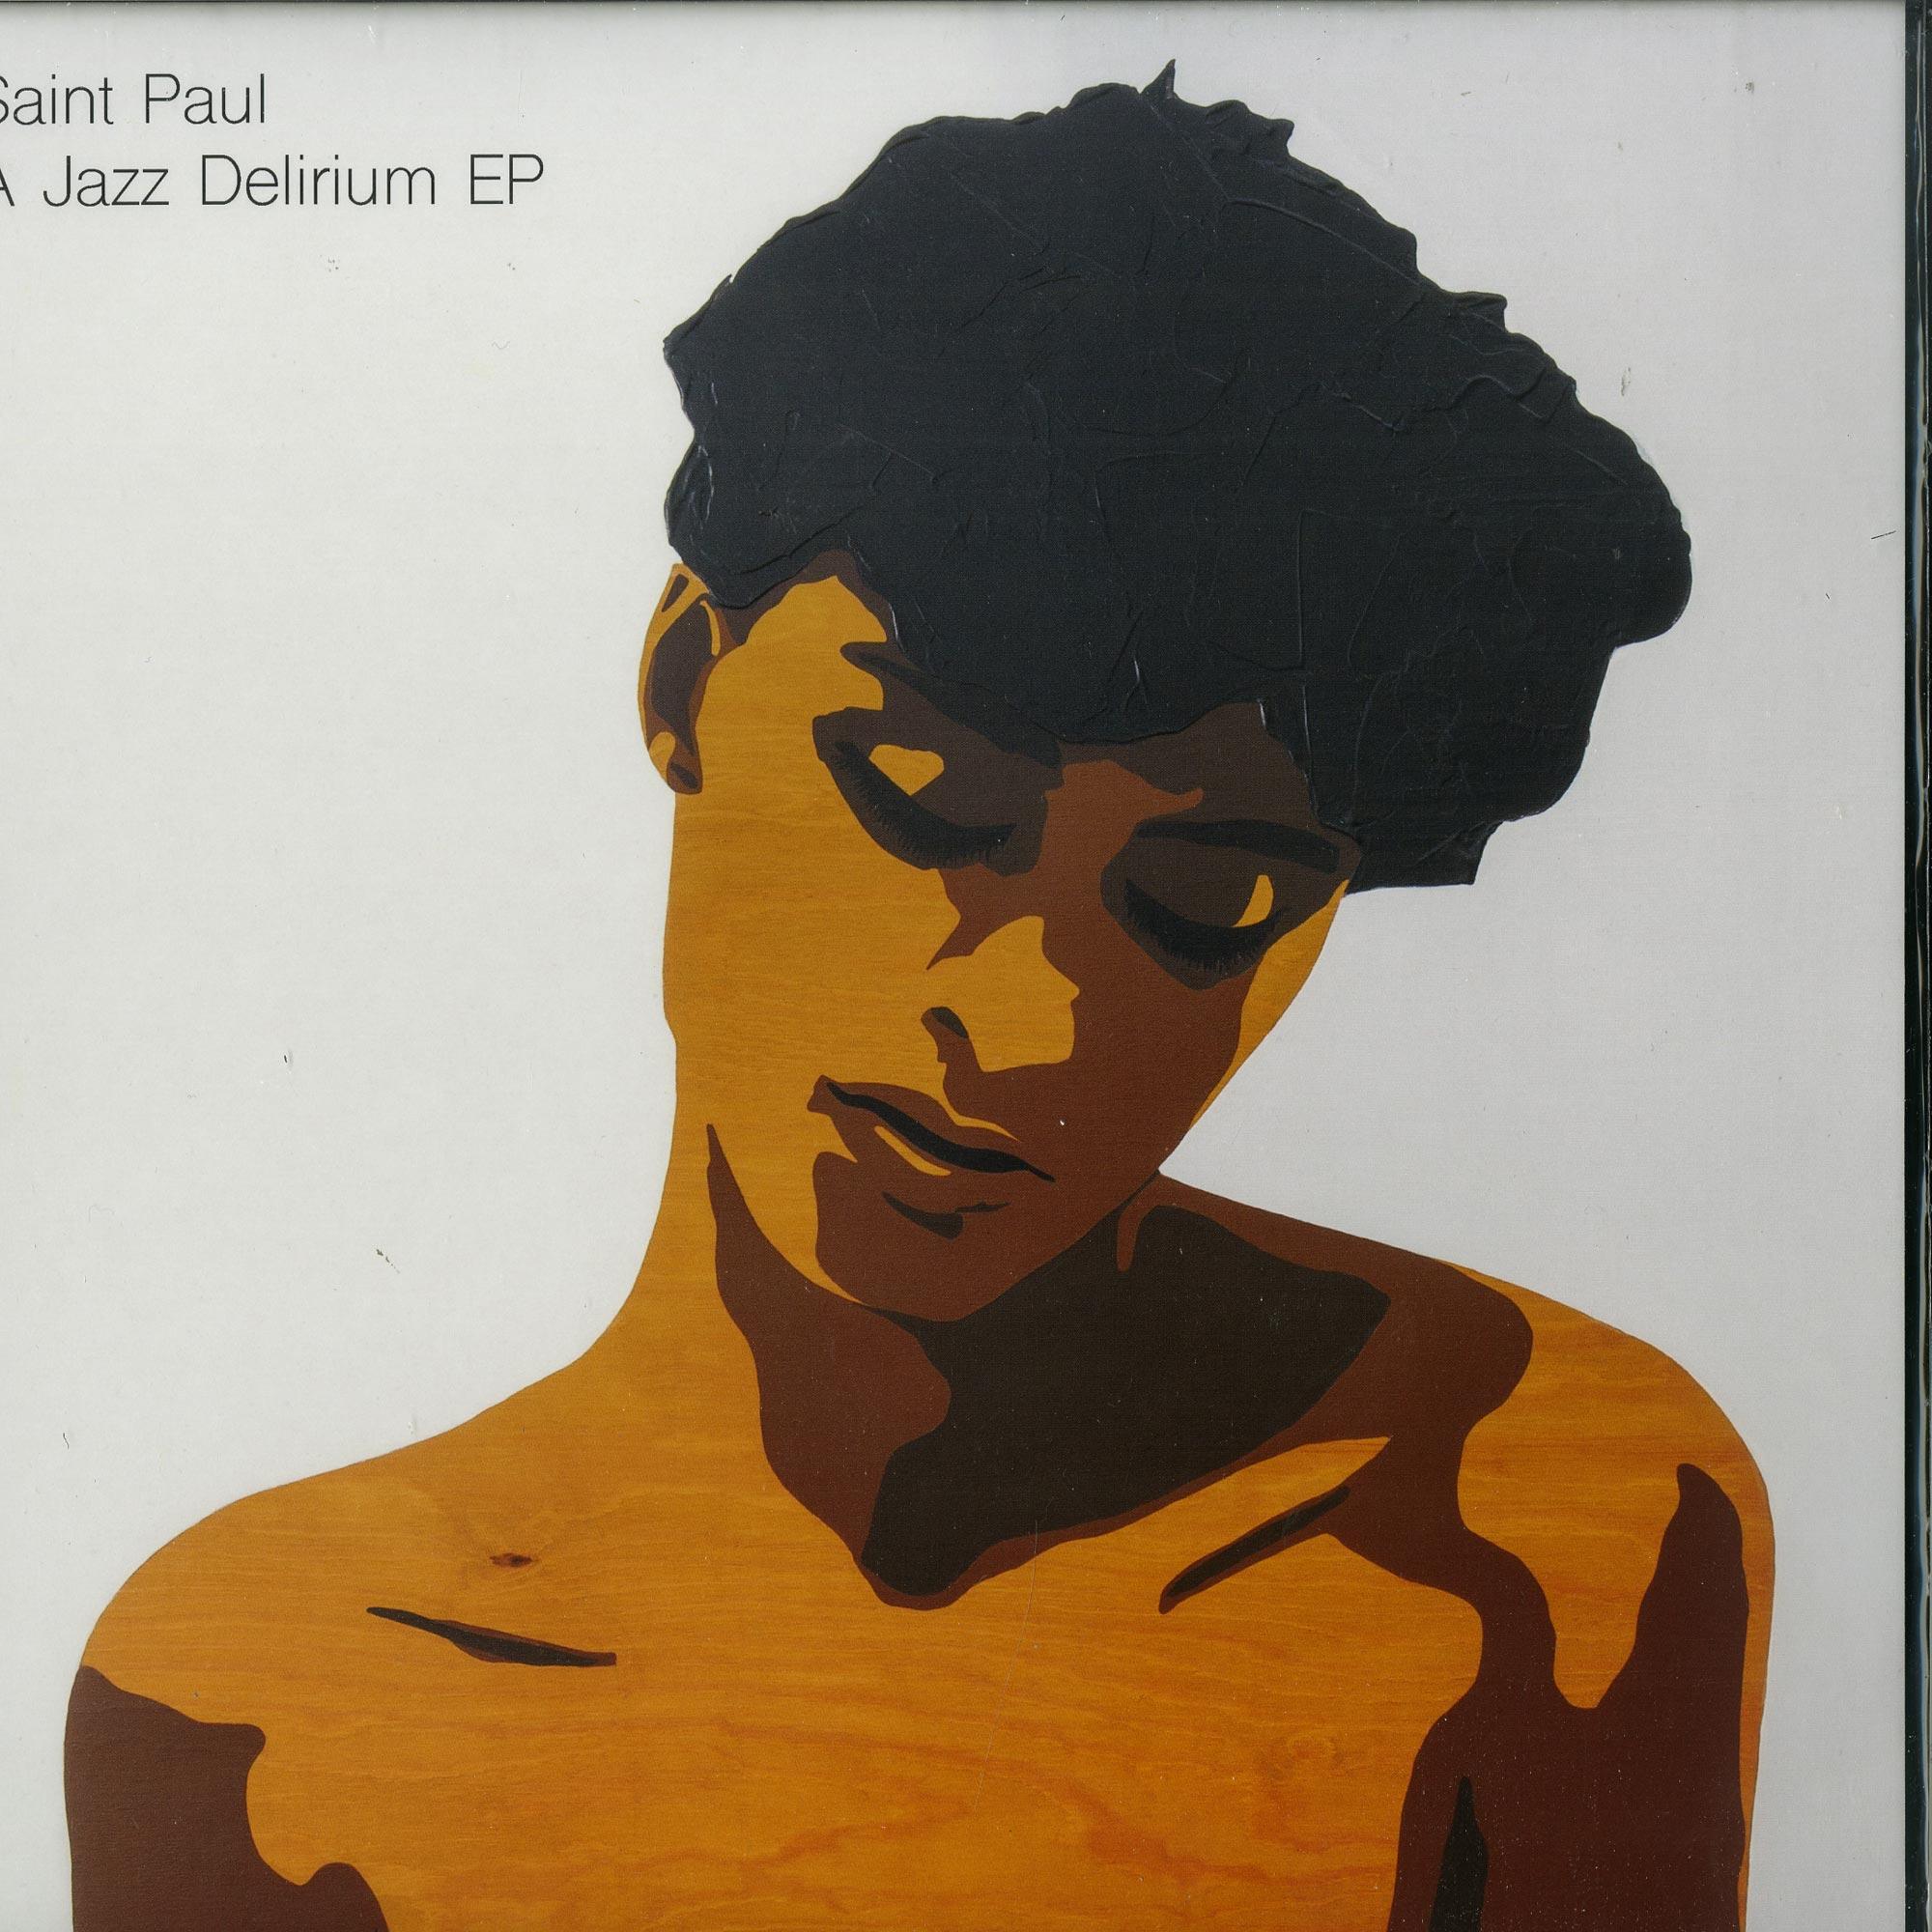 Saint Paul - A JAZZ DELIRIUM EP